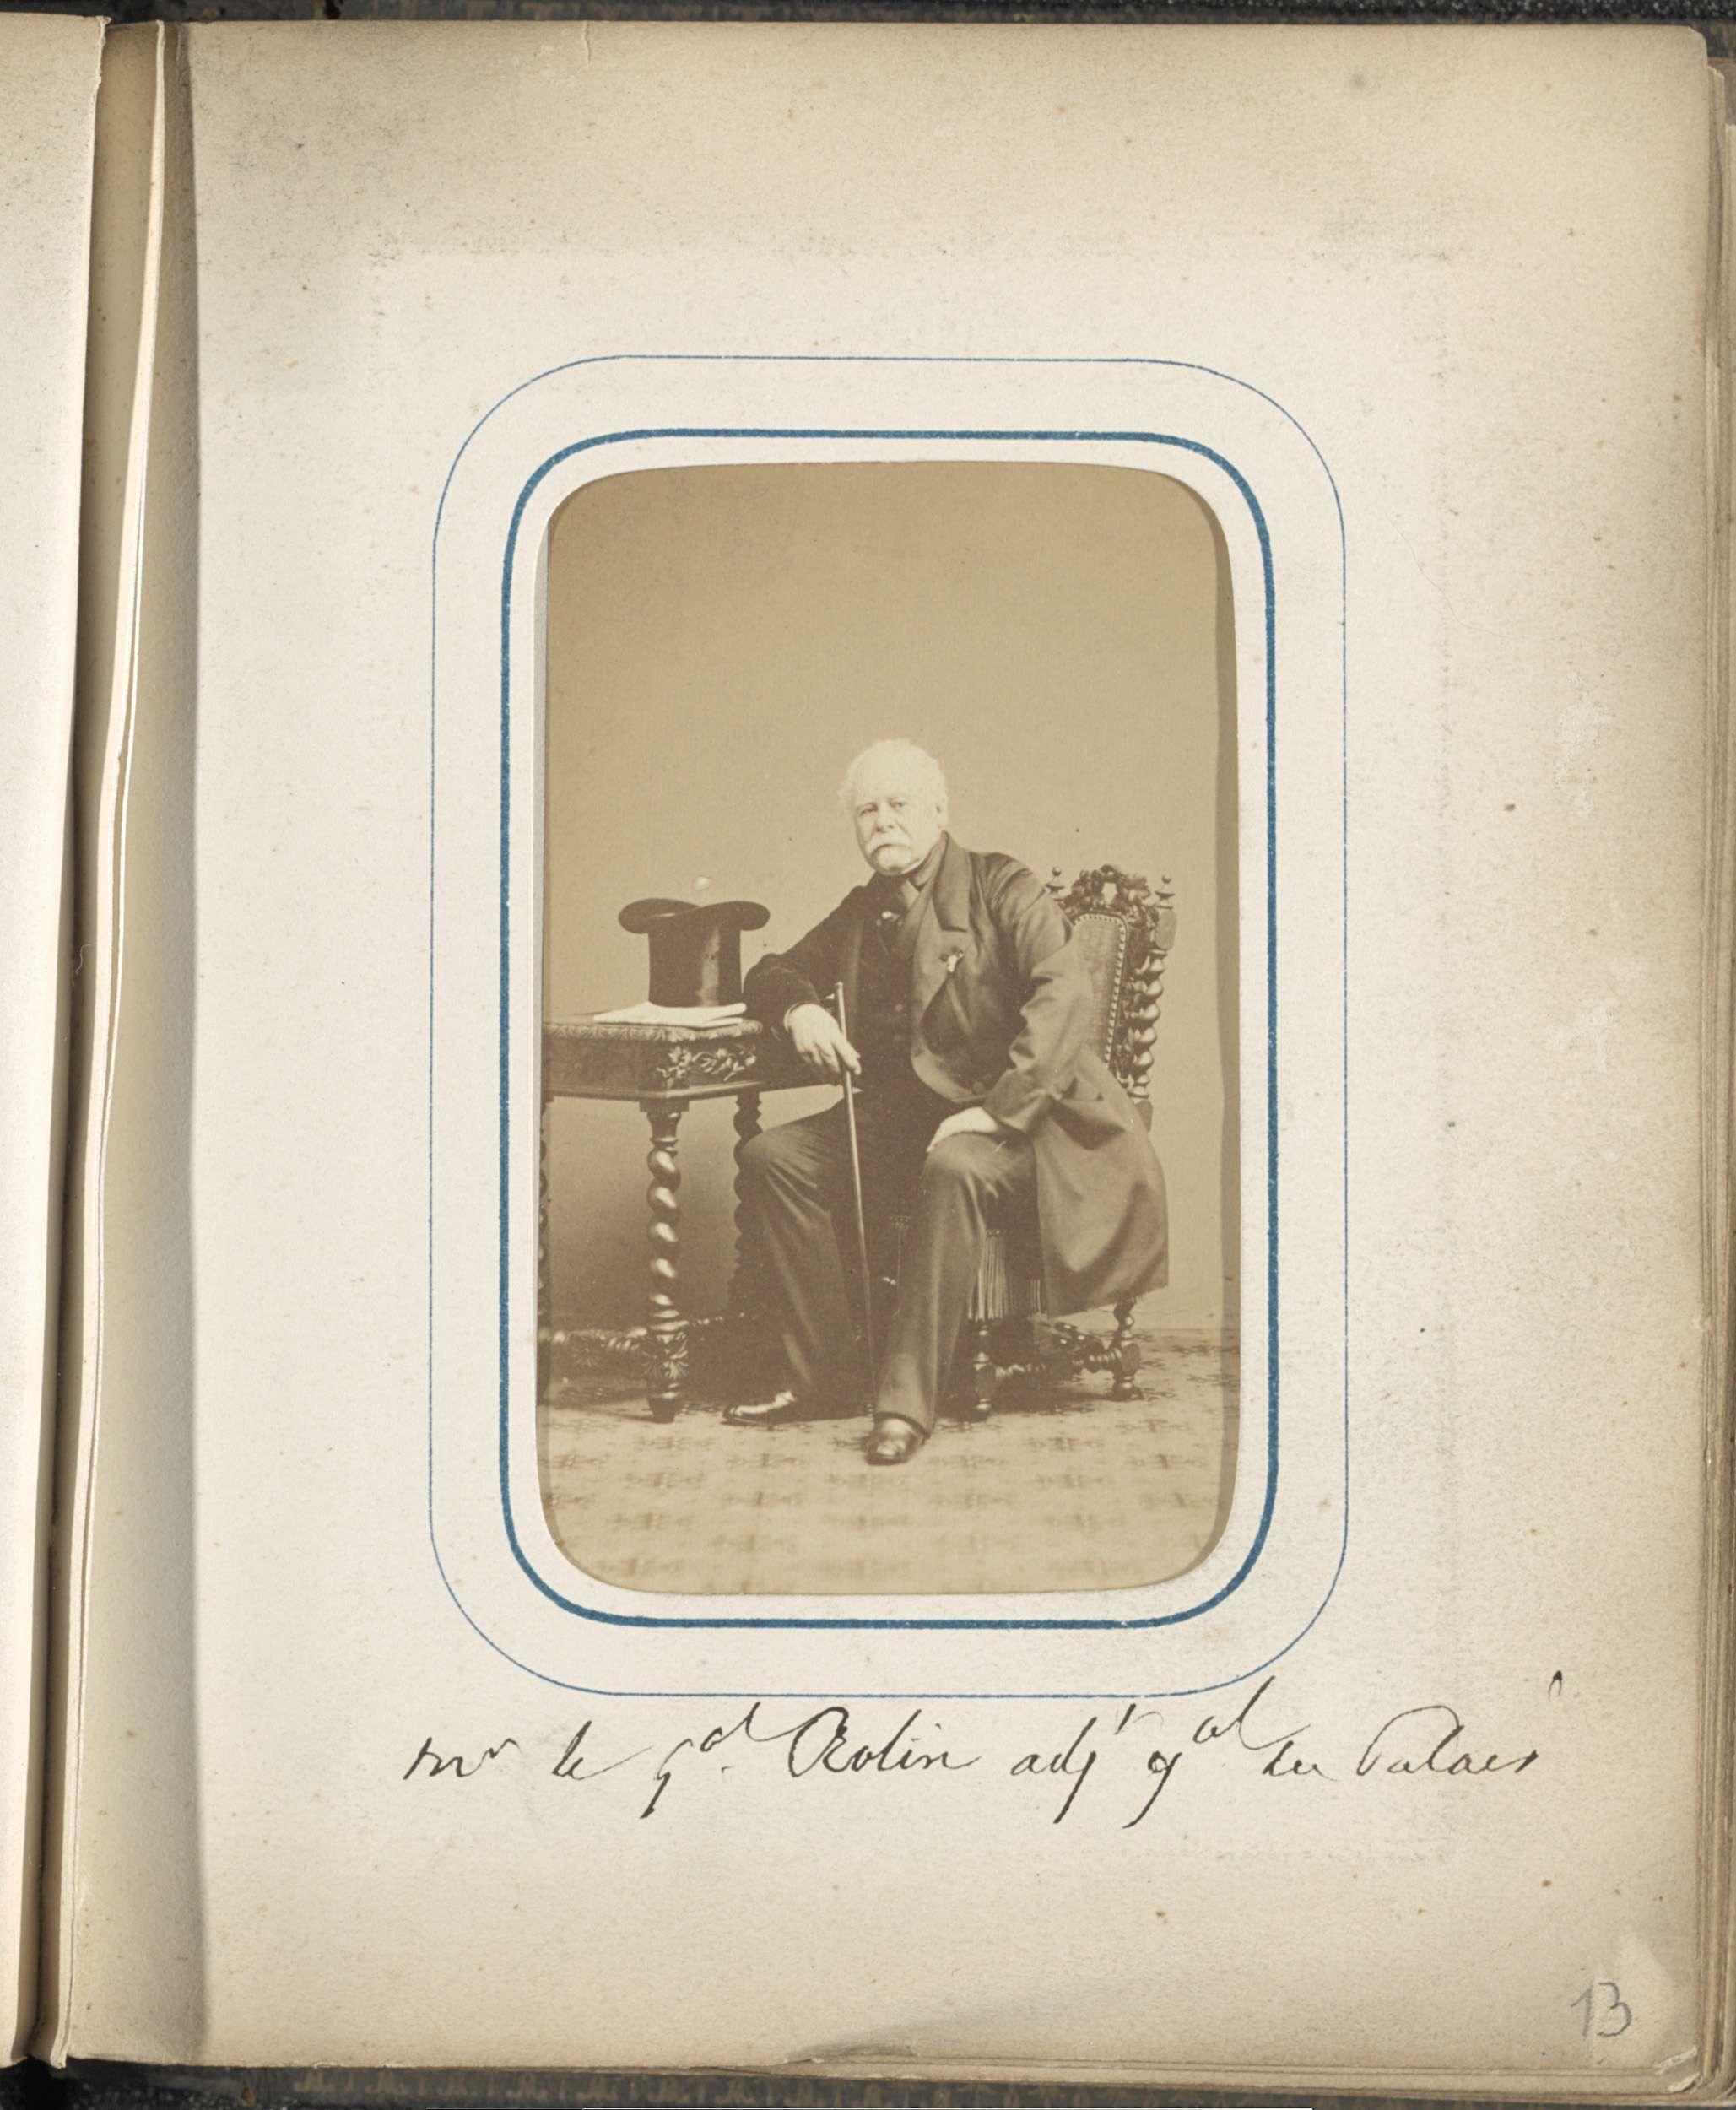 Anonymous | Portret van generaal Rolin, Anonymous, c. 1860 - in or before 1869 | Onderdeel van Fotoalbum met 24 cartes-de-visite van Franse personen.